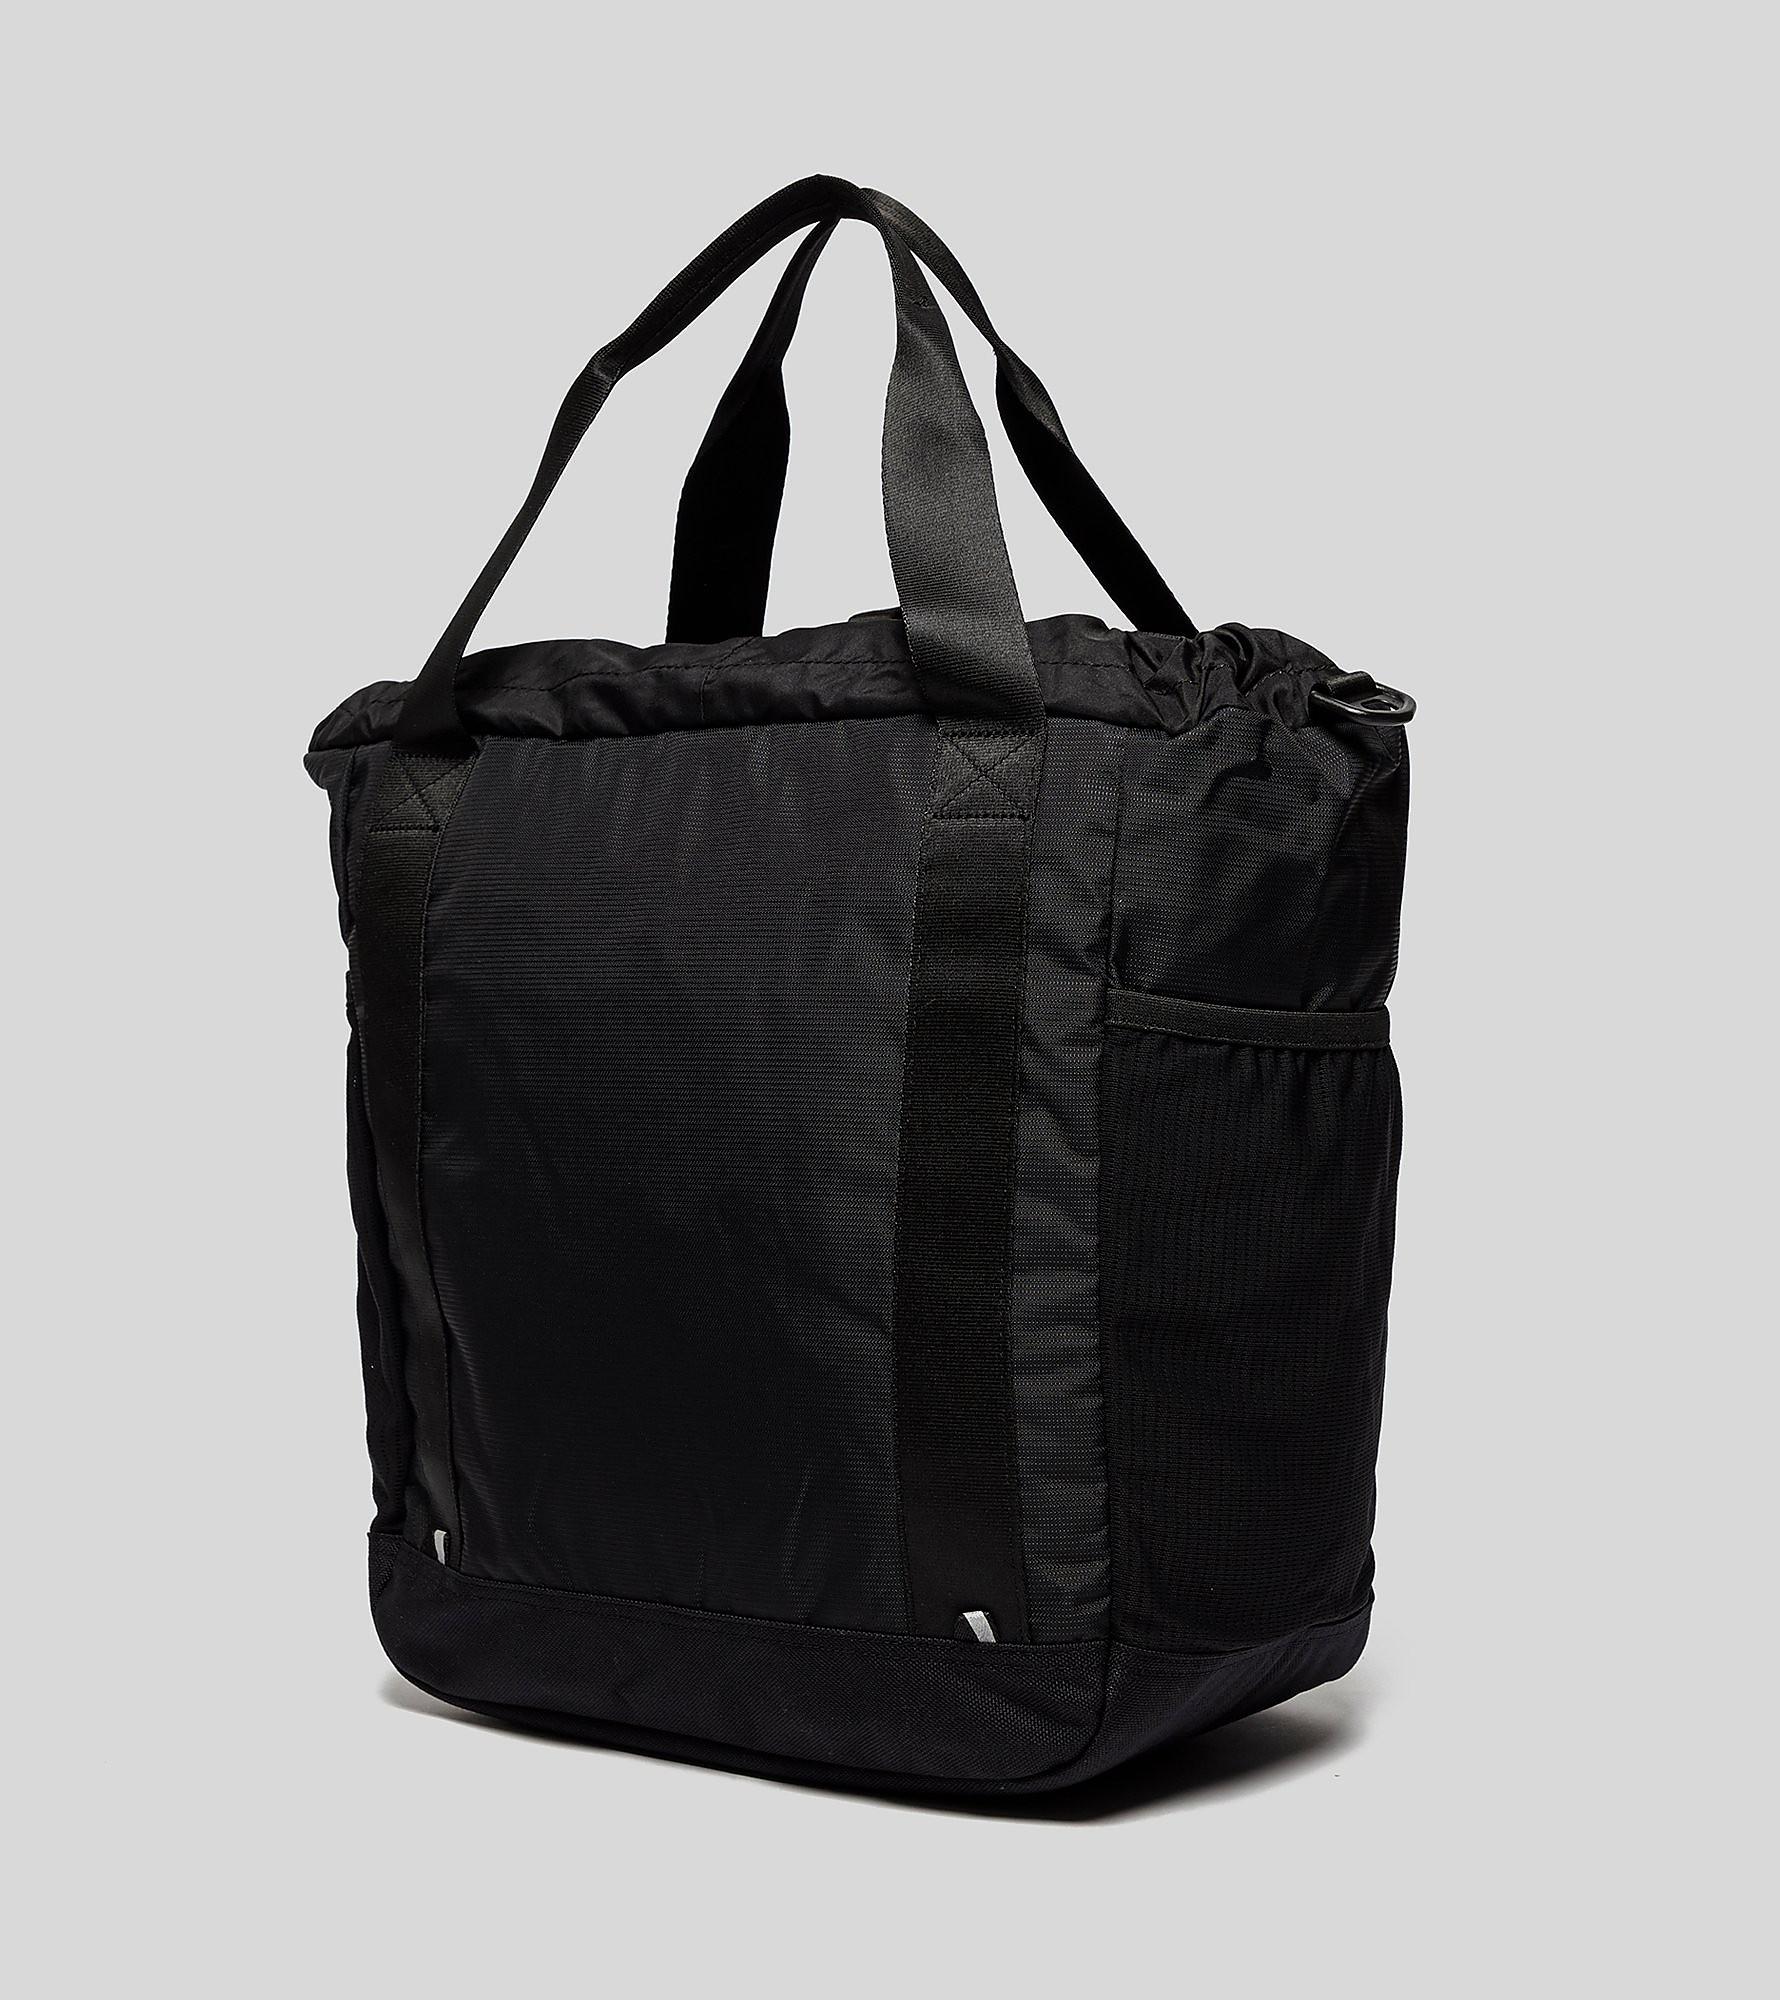 Herschel Supply Co Barnes Tote Bag